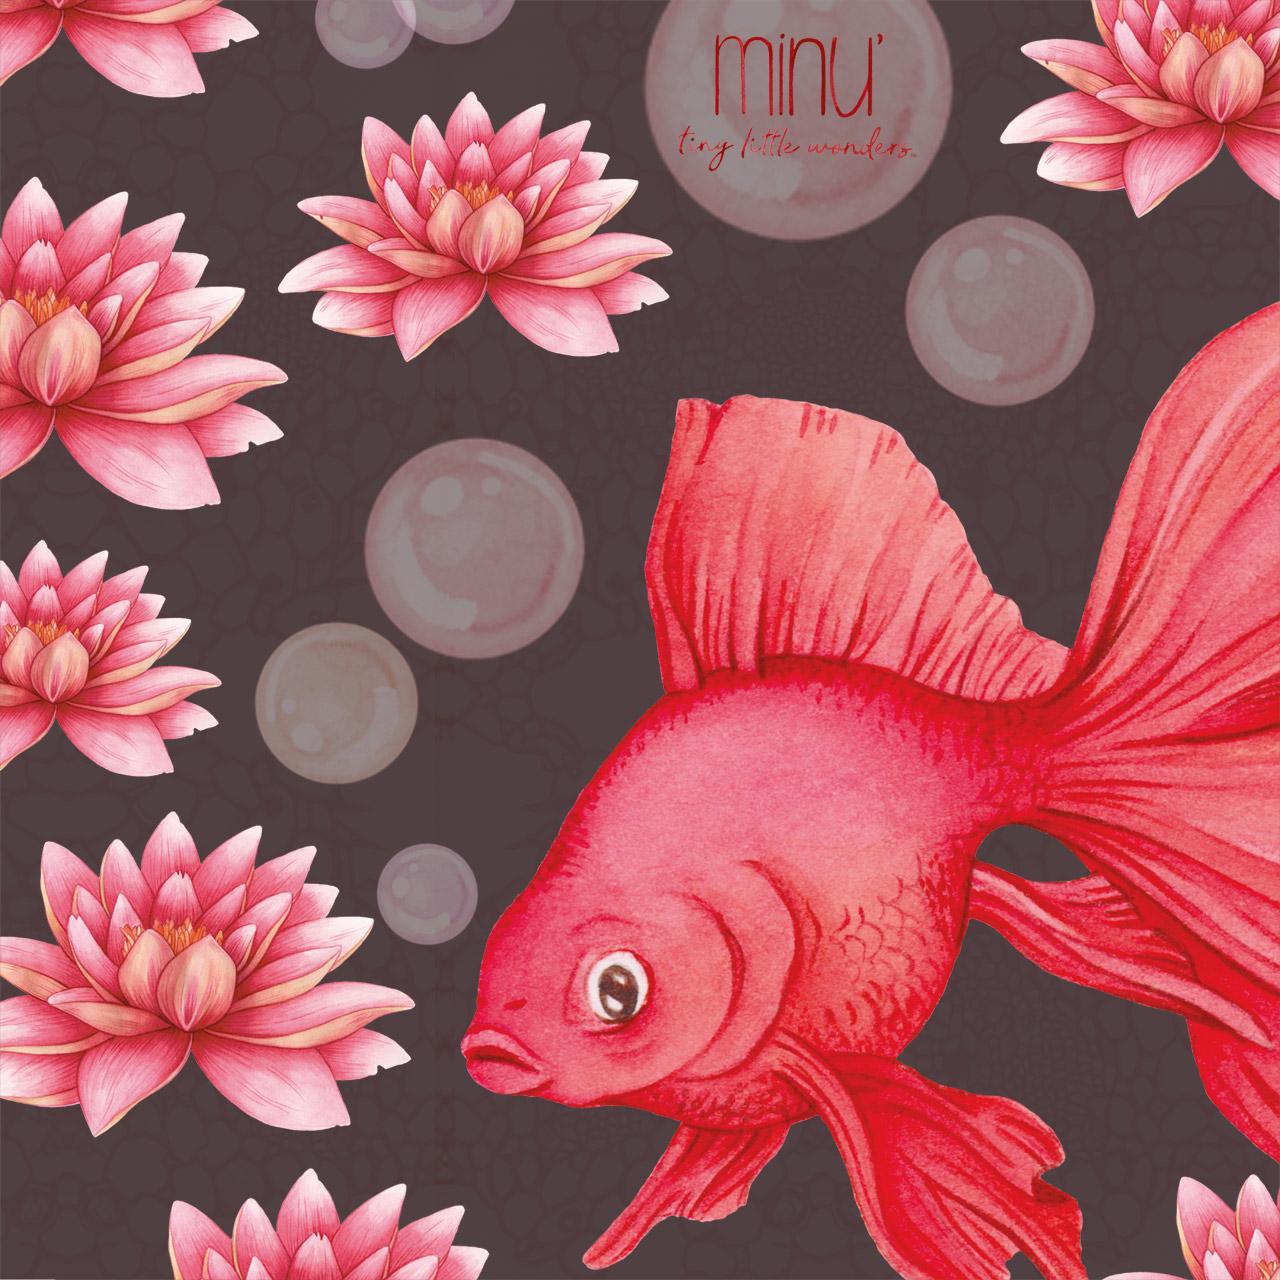 minu goldfish waterlily watercolors